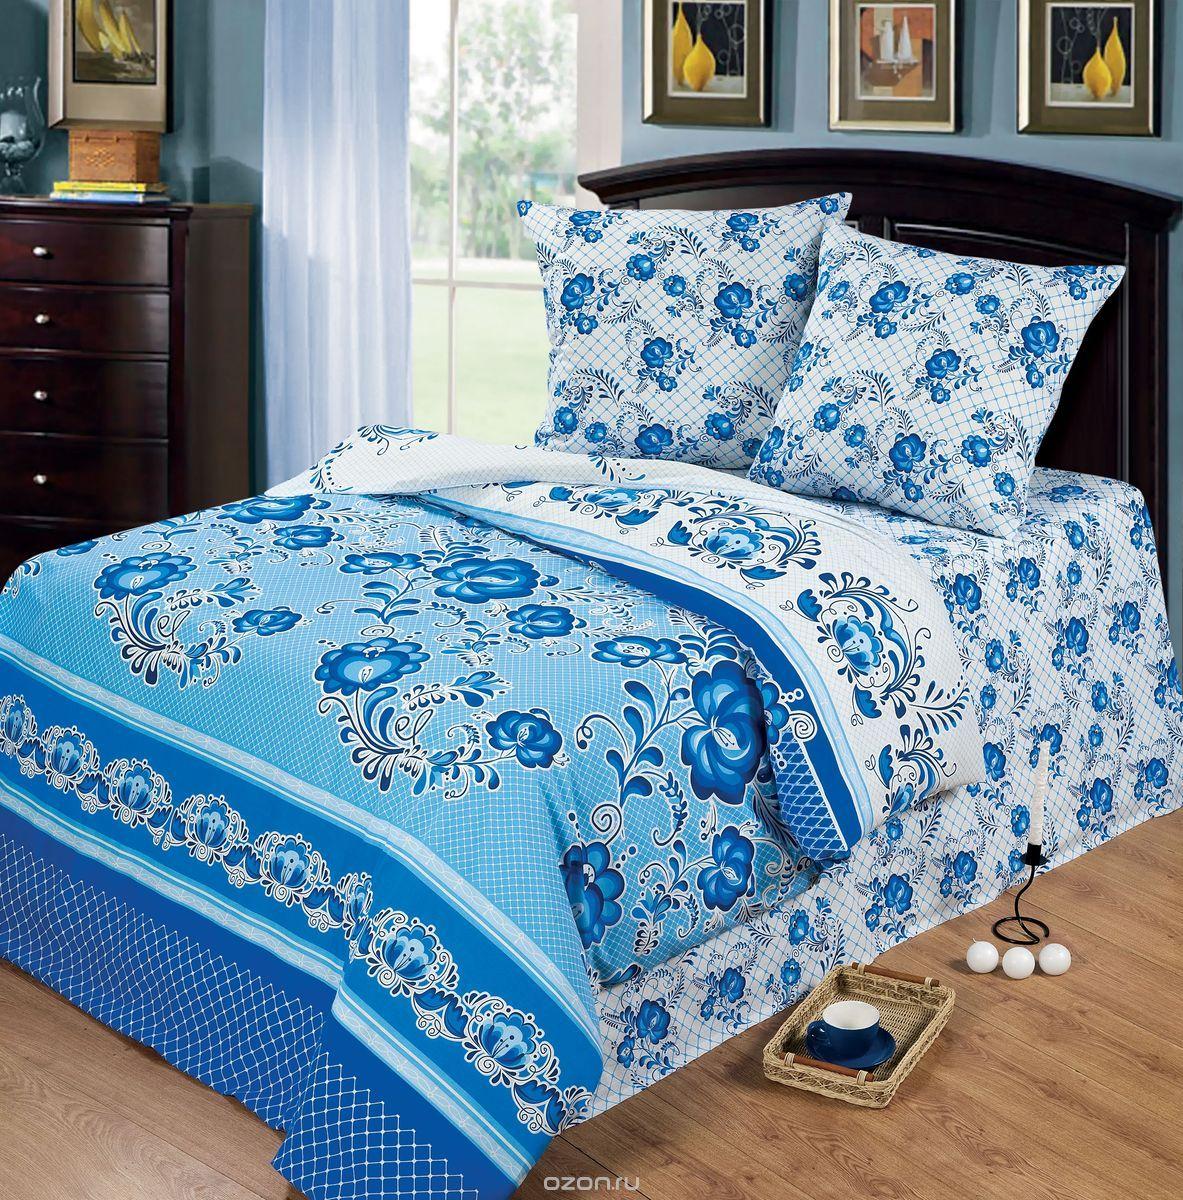 Комплект белья Любимый дом Гжель, 1,5-спальный, наволочки 70х70, цвет: белый, голубой. 321411321411Комплект постельного белья Любимый дом Гжель состоит из пододеяльника, простыни и двух наволочек. Постельное белье имеет изысканный внешний вид и обладает яркостью и сочностью цвета. Белье изготовлено из новой ткани Биокомфорт, отвечающей всем необходимым нормативным стандартам. Биокомфорт - это ткань полотняного переплетения, из экологически чистого и натурального 100% хлопка. Неоспоримым плюсом белья из такой ткани является мягкость и легкость, она прекрасно пропускает воздух, приятна на ощупь, не образует катышков на поверхности и за ней легко ухаживать. При соблюдении рекомендаций по уходу, это белье выдерживает много стирок, не линяет и не теряет свою первоначальную прочность. Уникальная ткань обеспечивает легкую глажку. Приобретая комплект постельного белья Любимый дом Гжель, вы можете быть уверенны в том, что покупка доставит вам и вашим близким удовольствие и подарит максимальный комфорт.